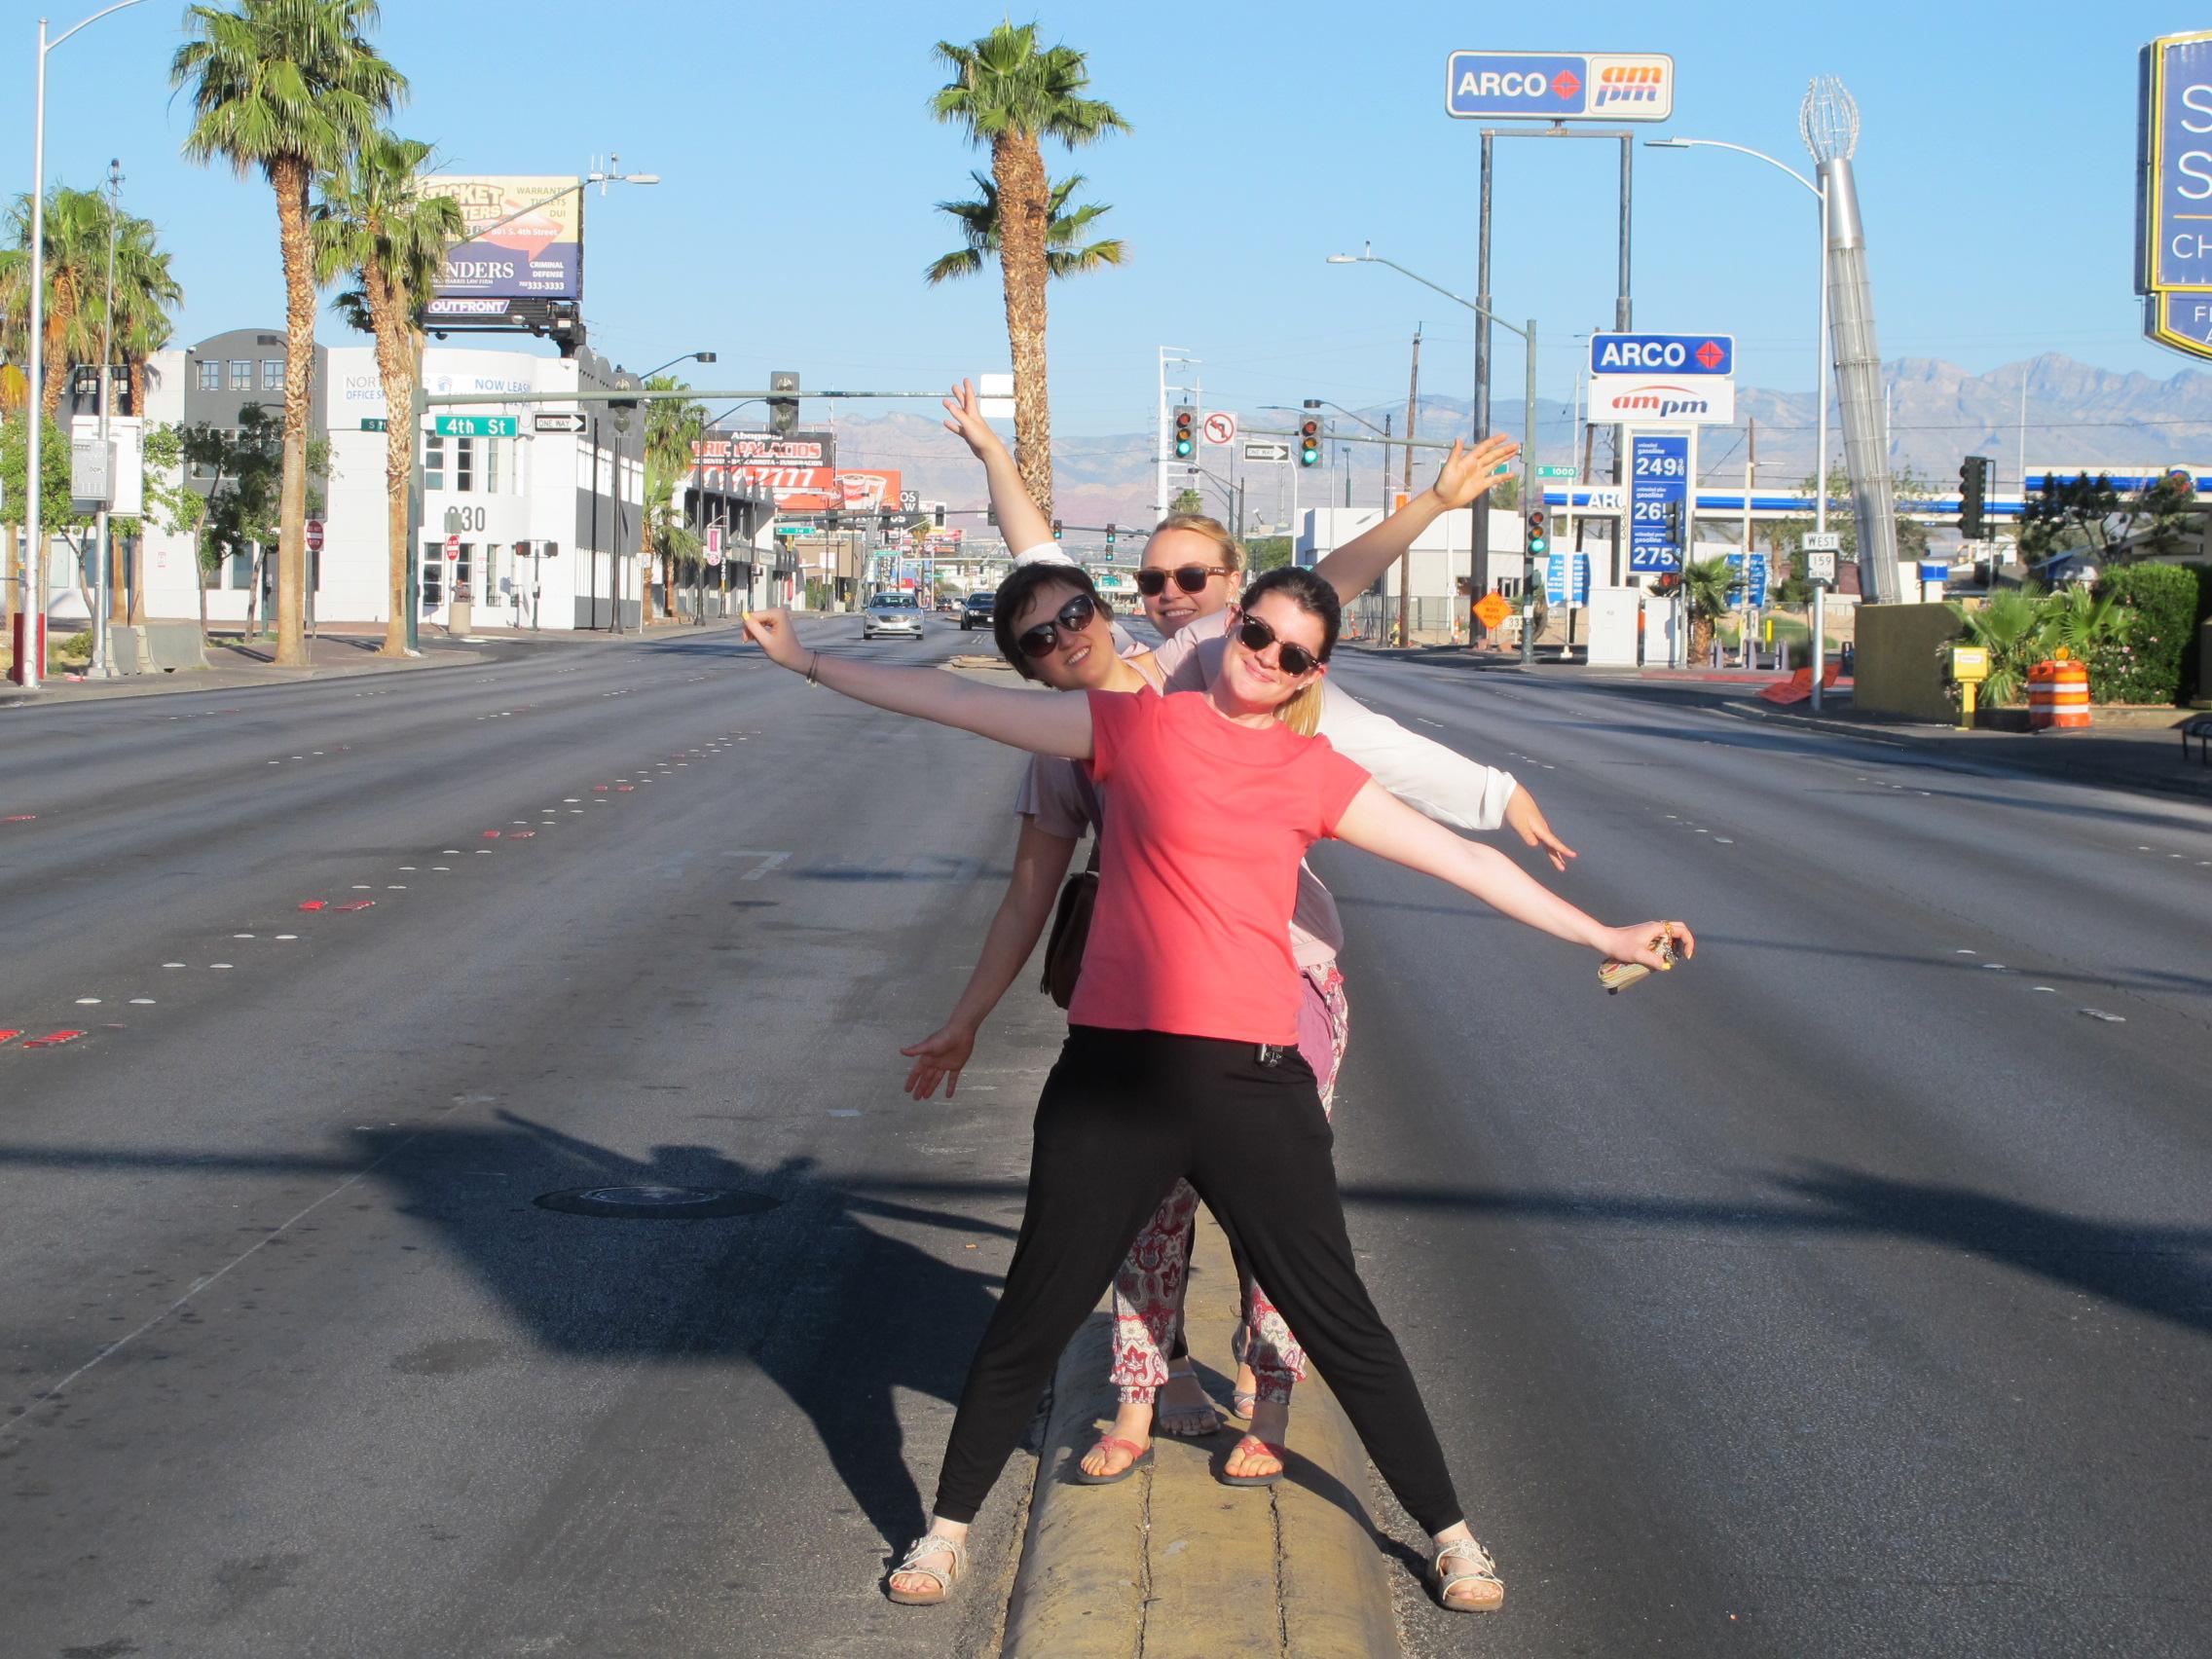 Najbolje stranice za upoznavanje, Las Vegas